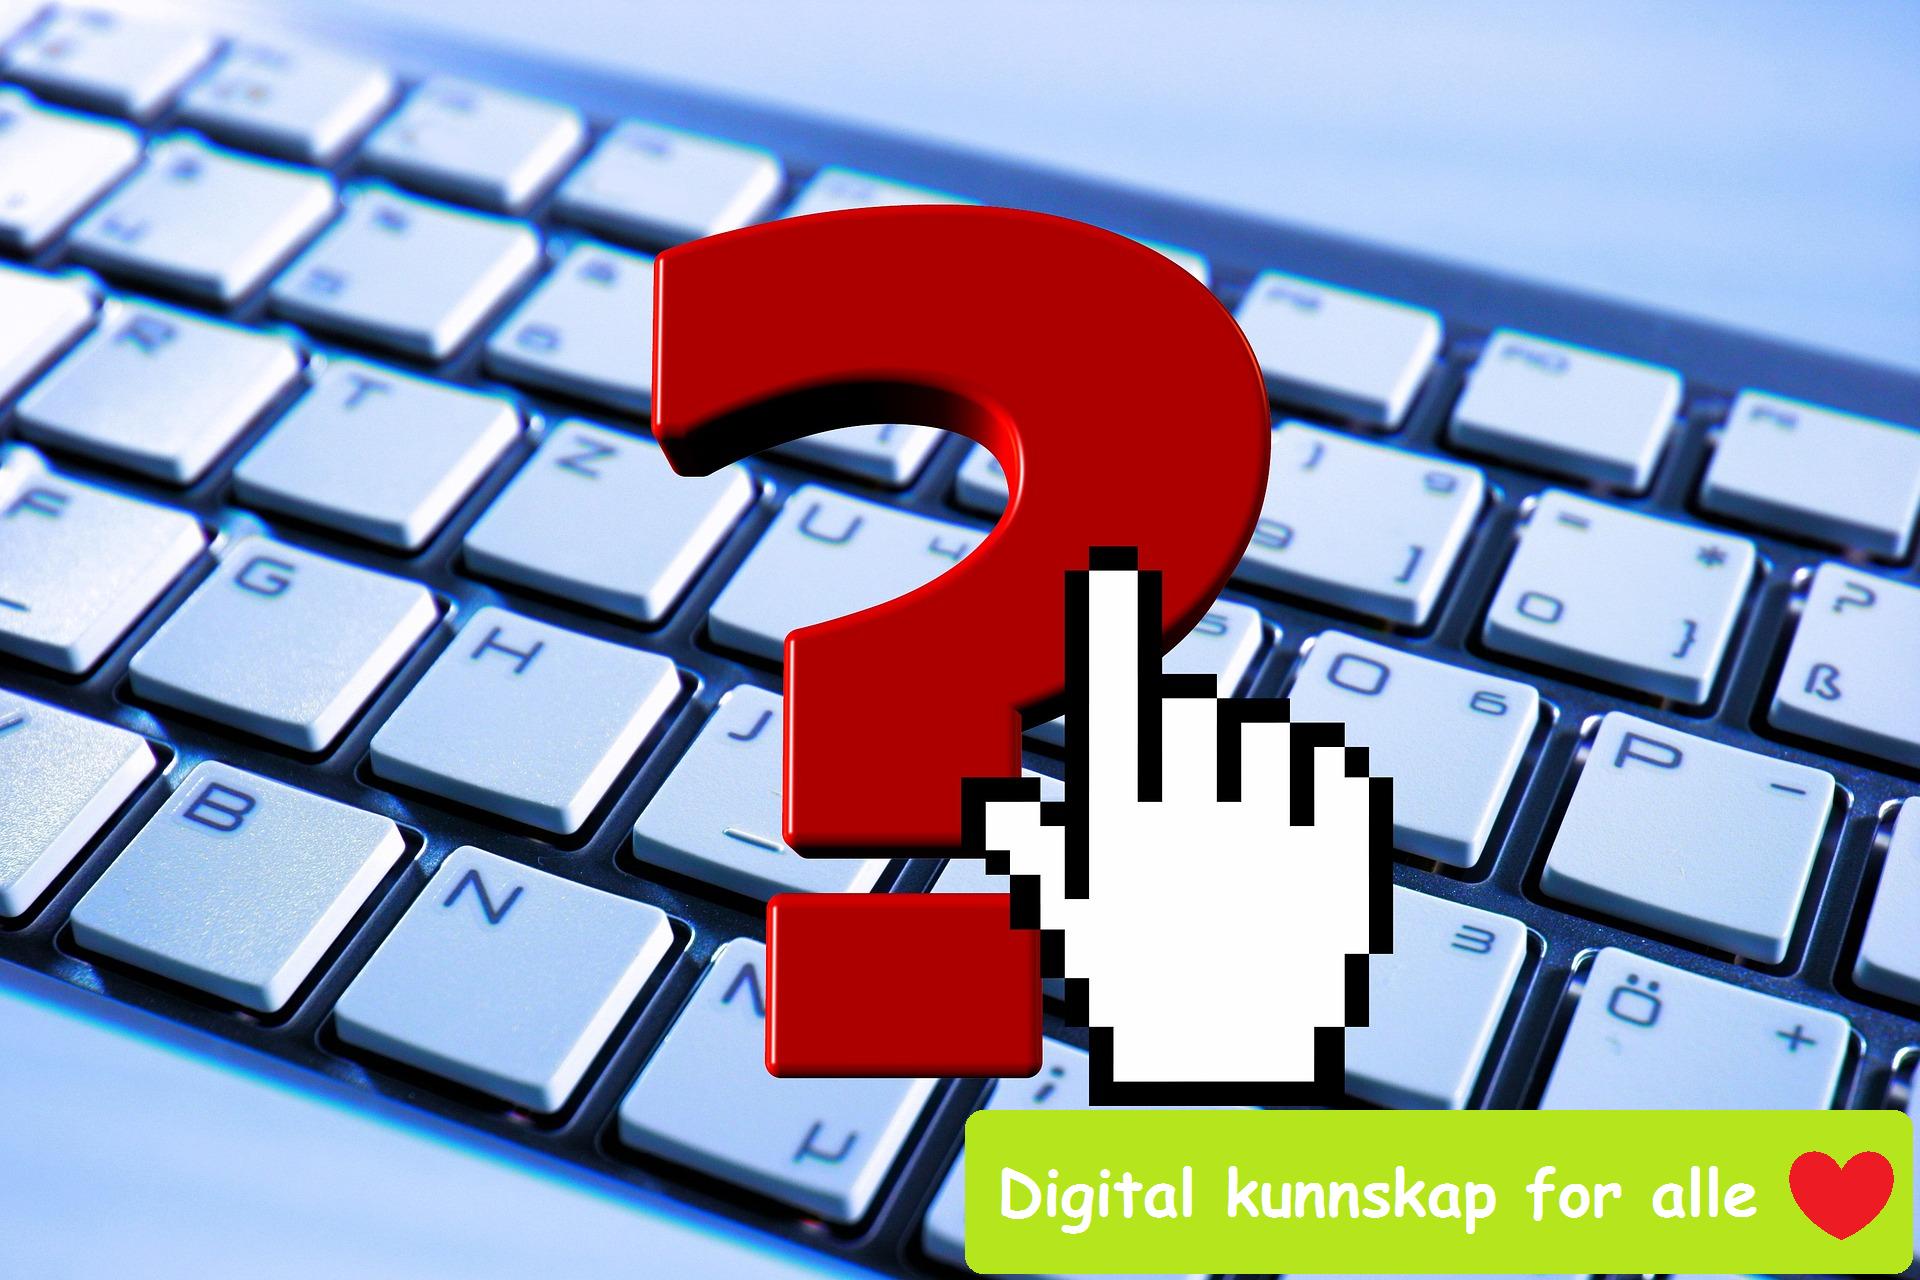 Digital kunnskap for alle.png